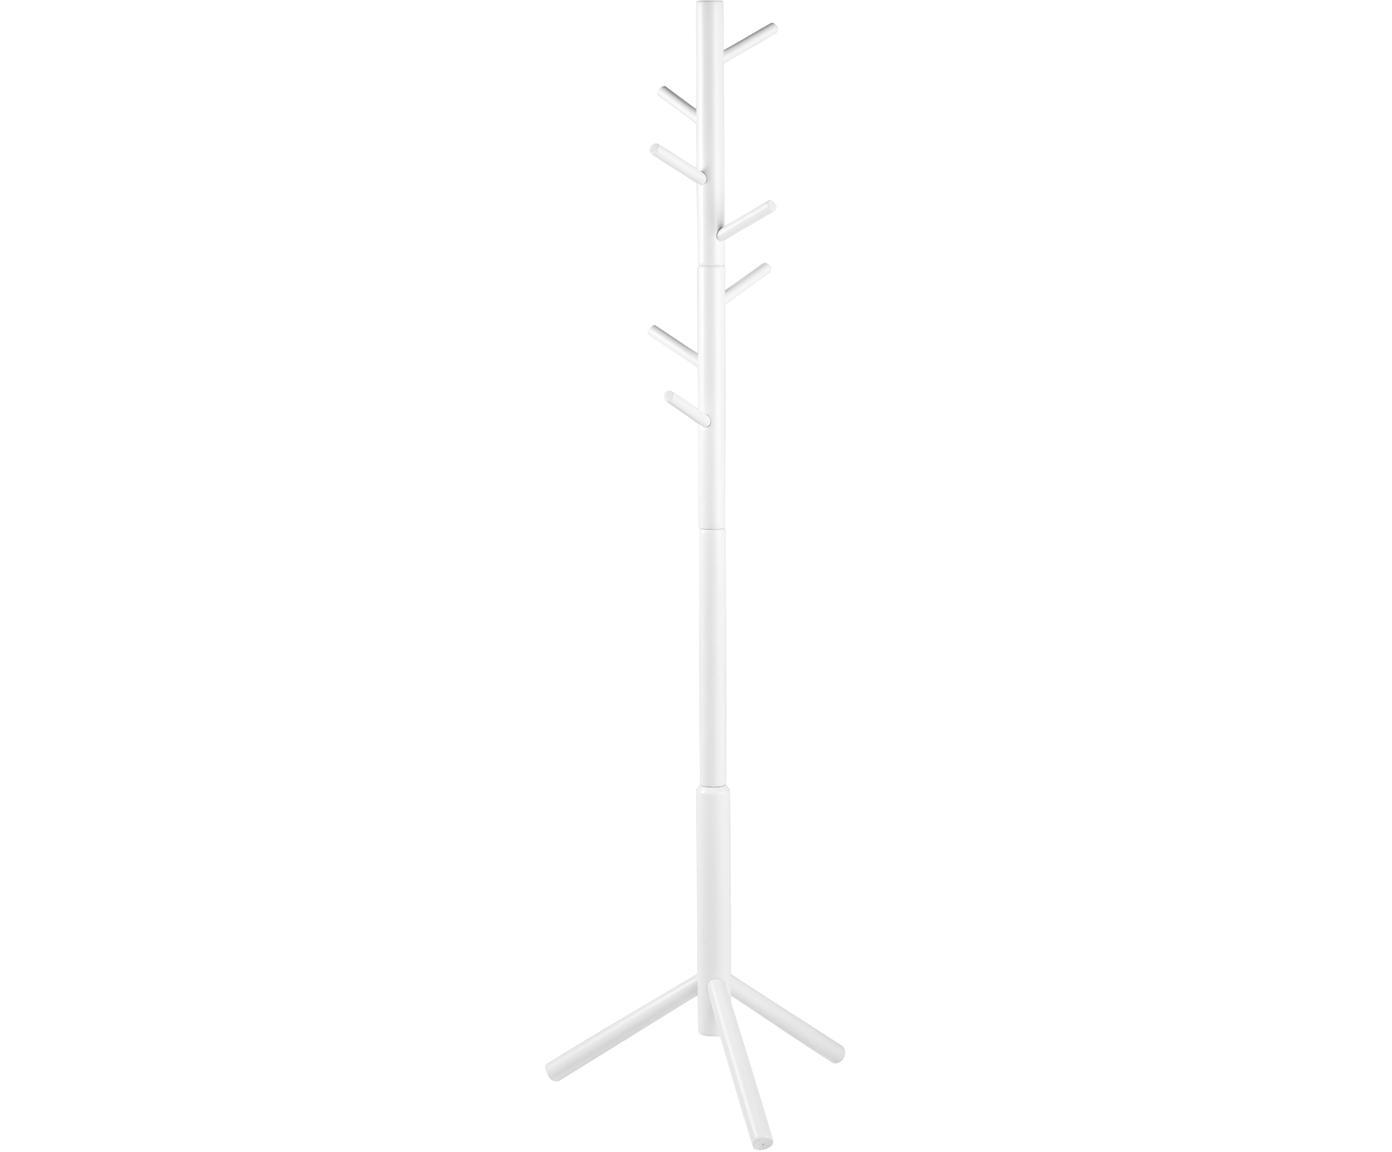 Kapstok Bremen van hout met 6 haken, Gelakt rubberhout, Wit, 51 x 176 cm